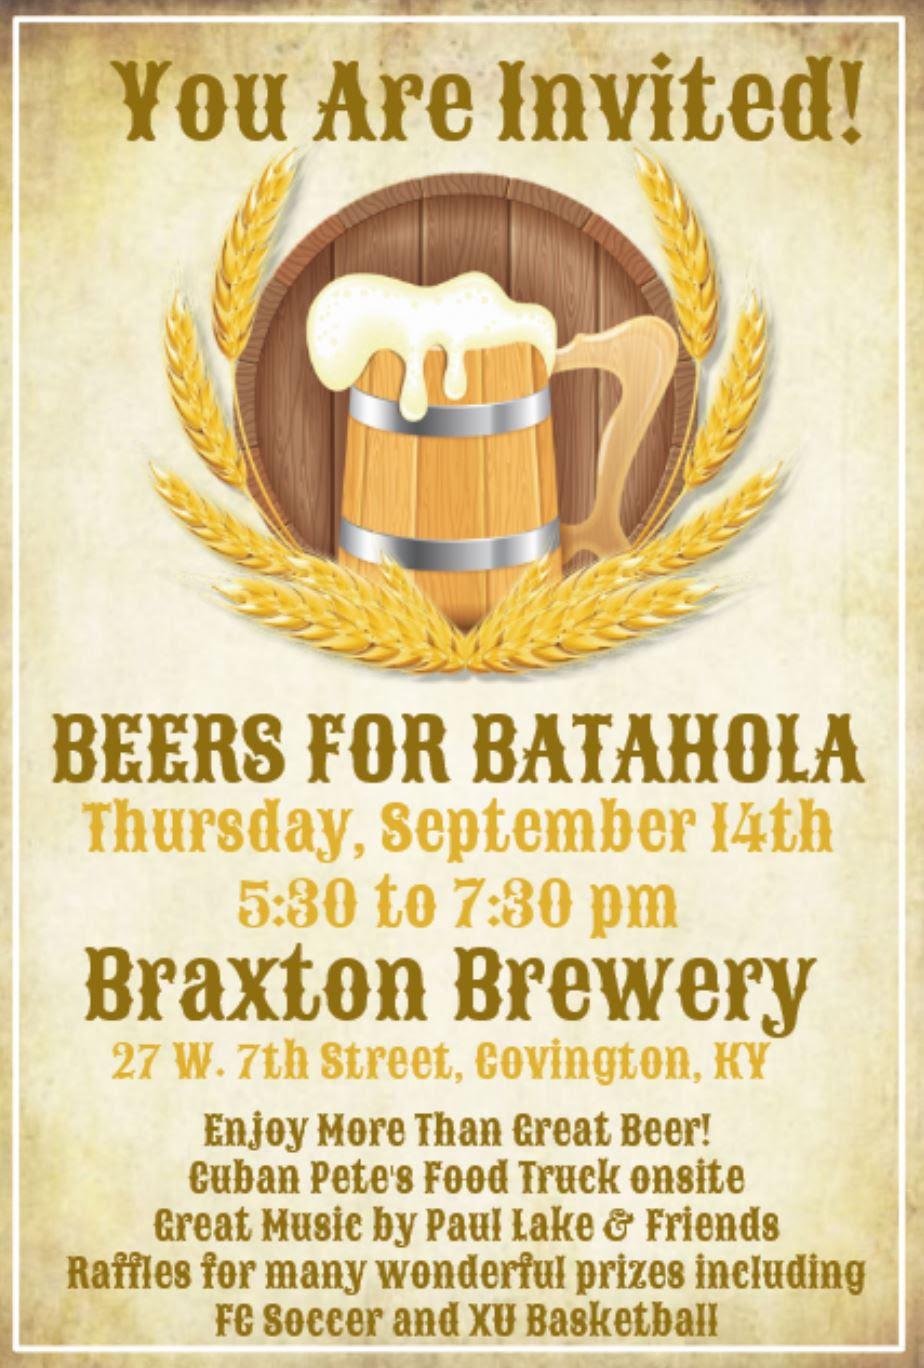 Beers for Batahola